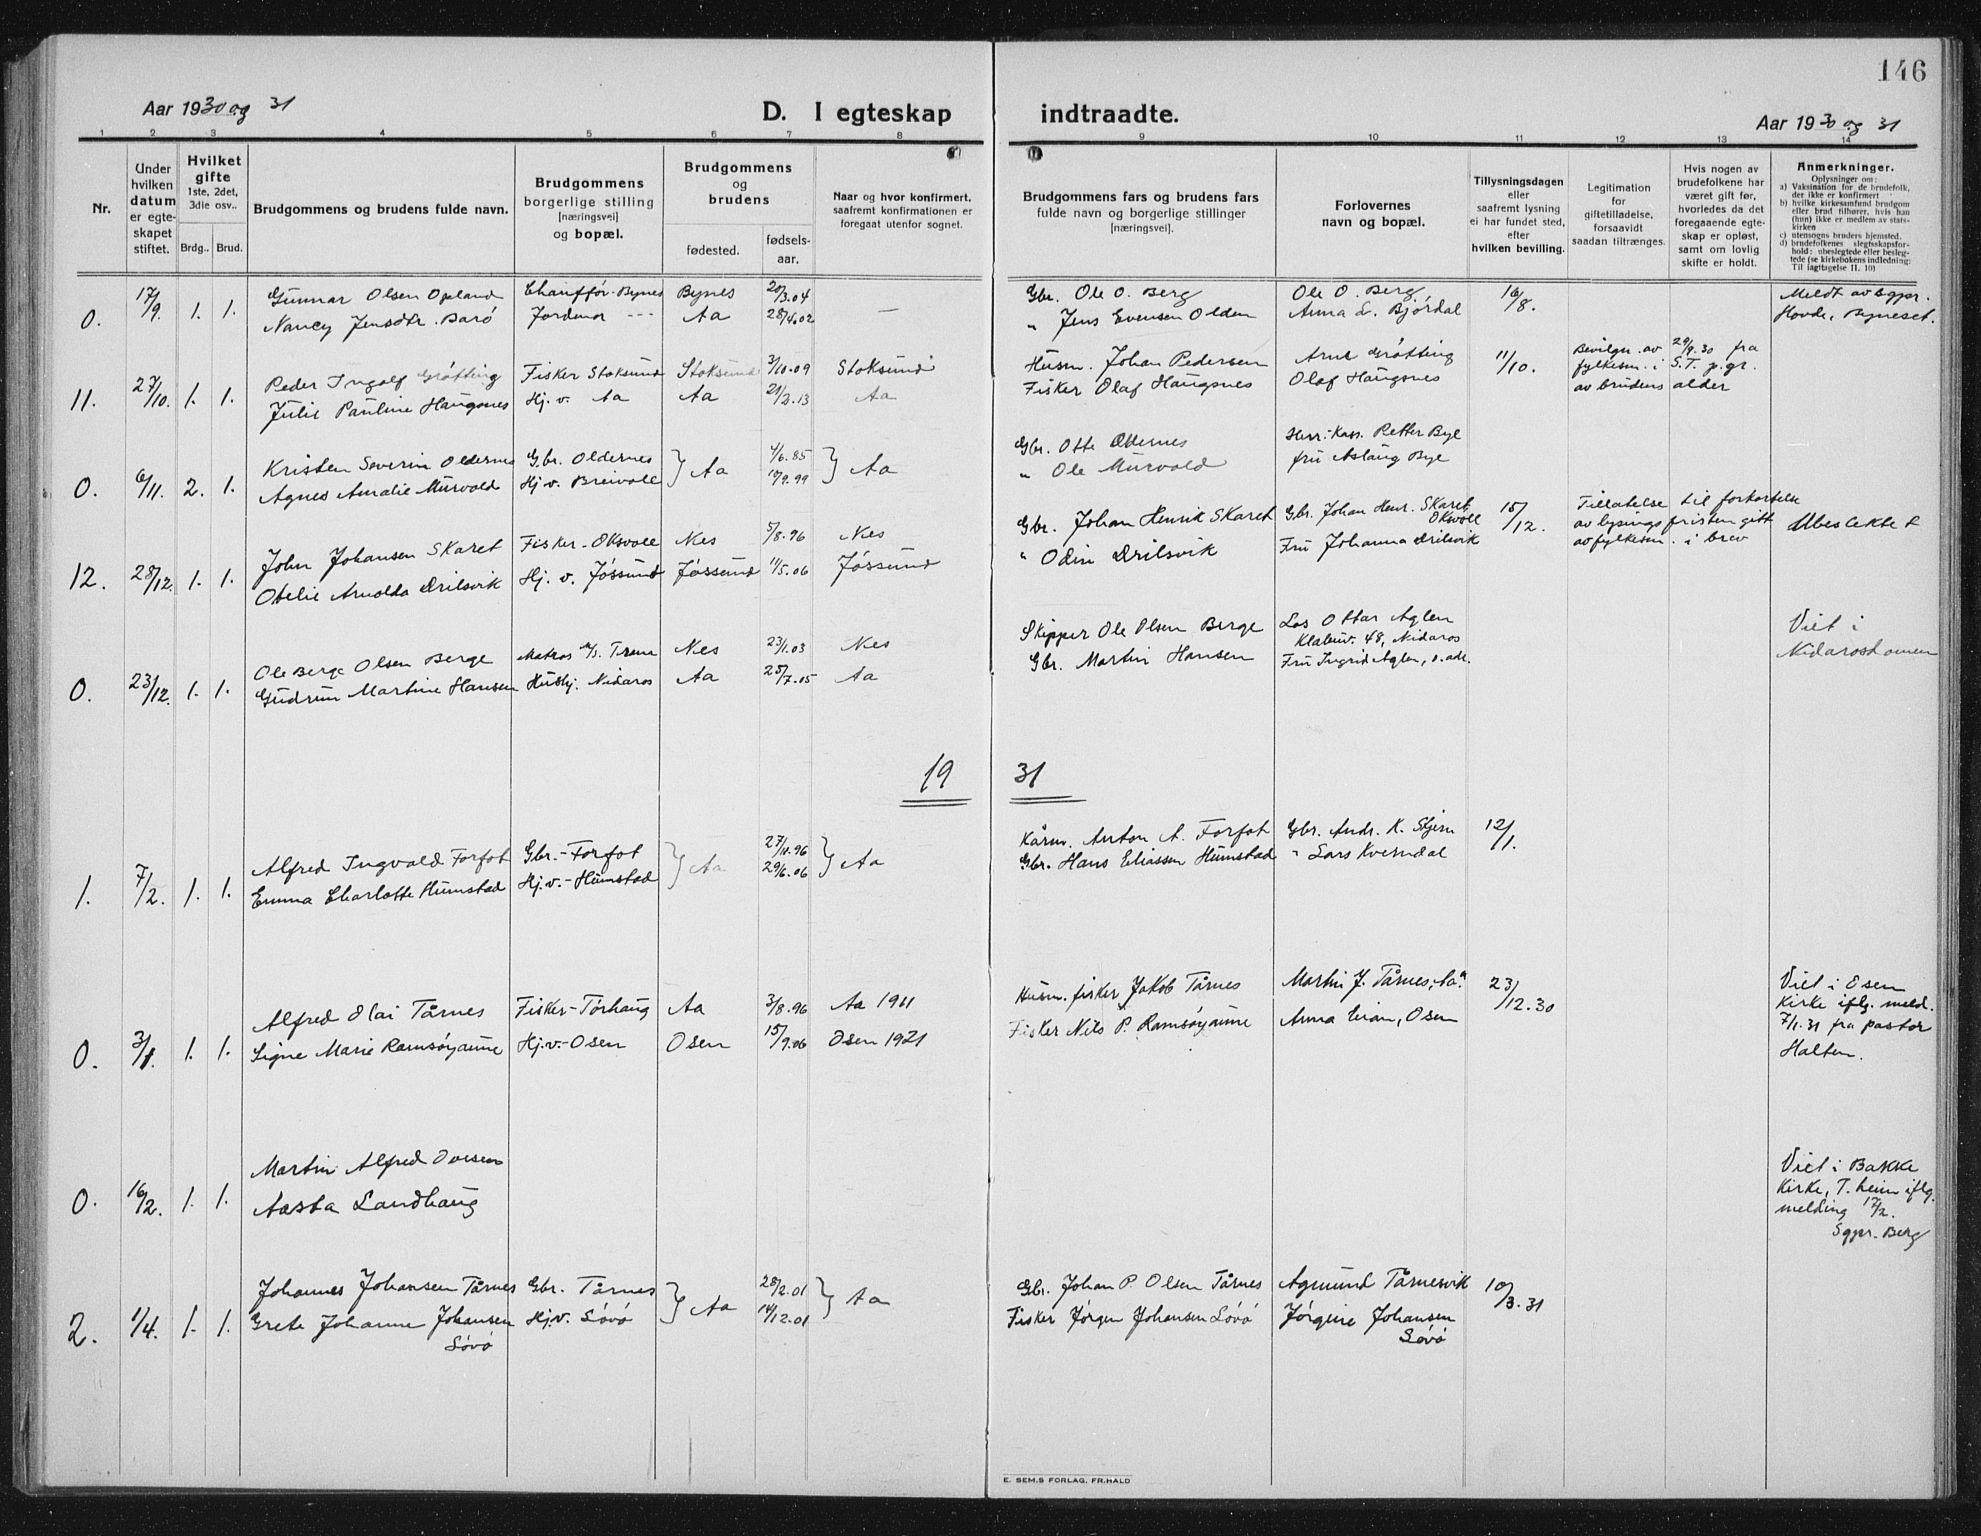 SAT, Ministerialprotokoller, klokkerbøker og fødselsregistre - Sør-Trøndelag, 655/L0689: Klokkerbok nr. 655C05, 1922-1936, s. 146